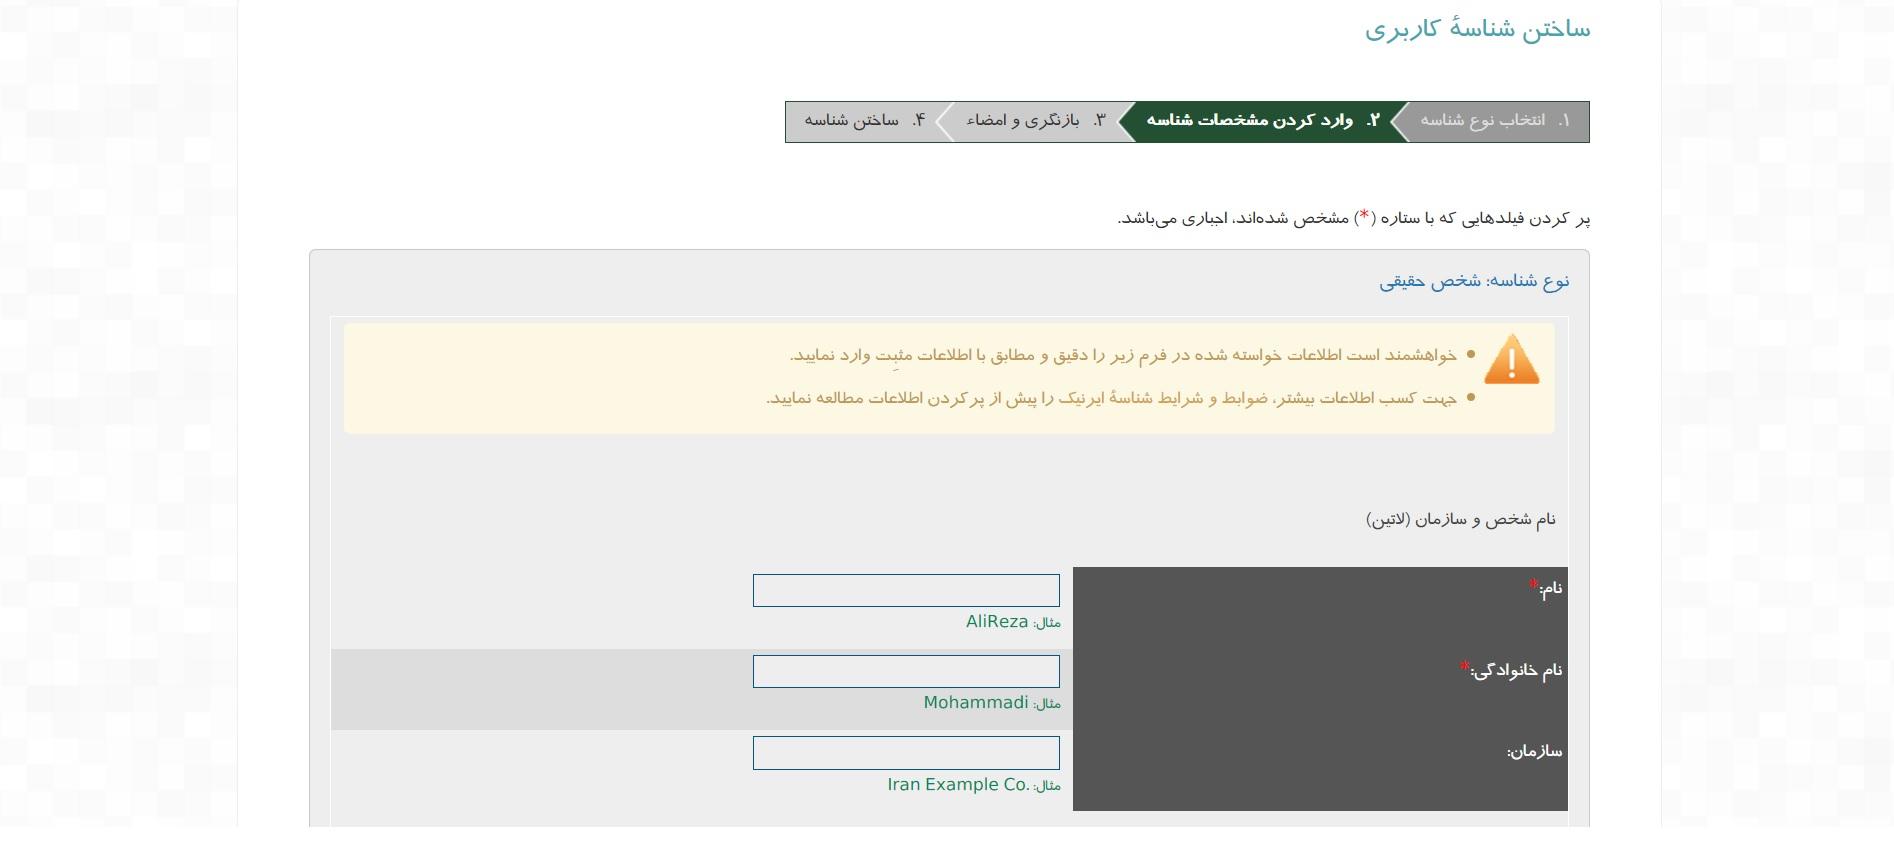 وارد کردن مشخصات شناسه کاربری